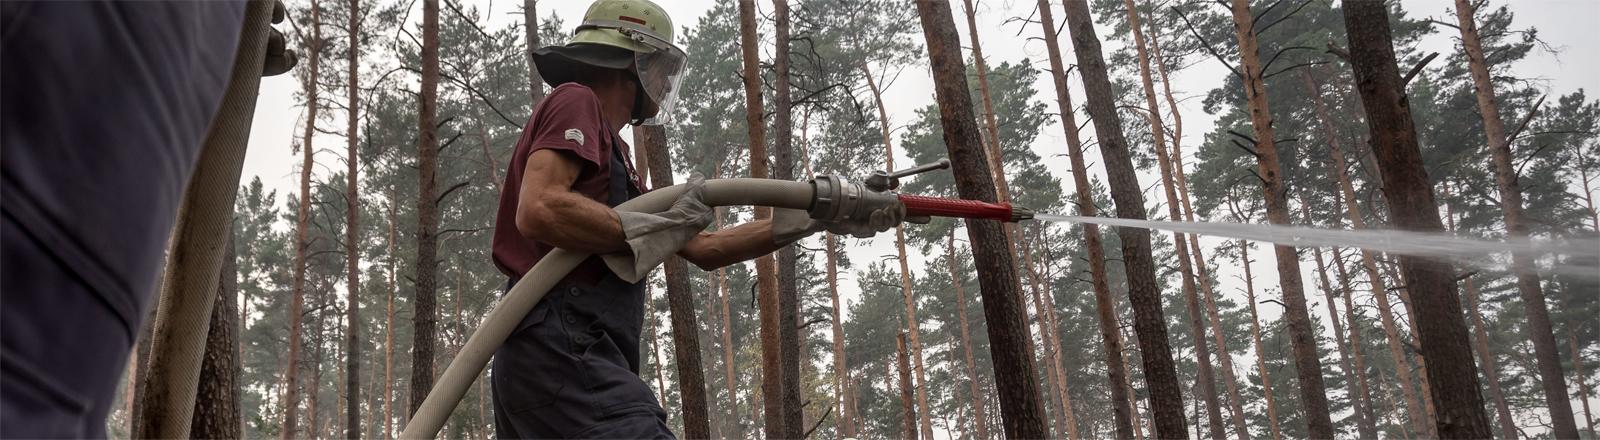 Feuerwehrmänner bekämpfen einen Waldbrand bei Treuenbrietzen